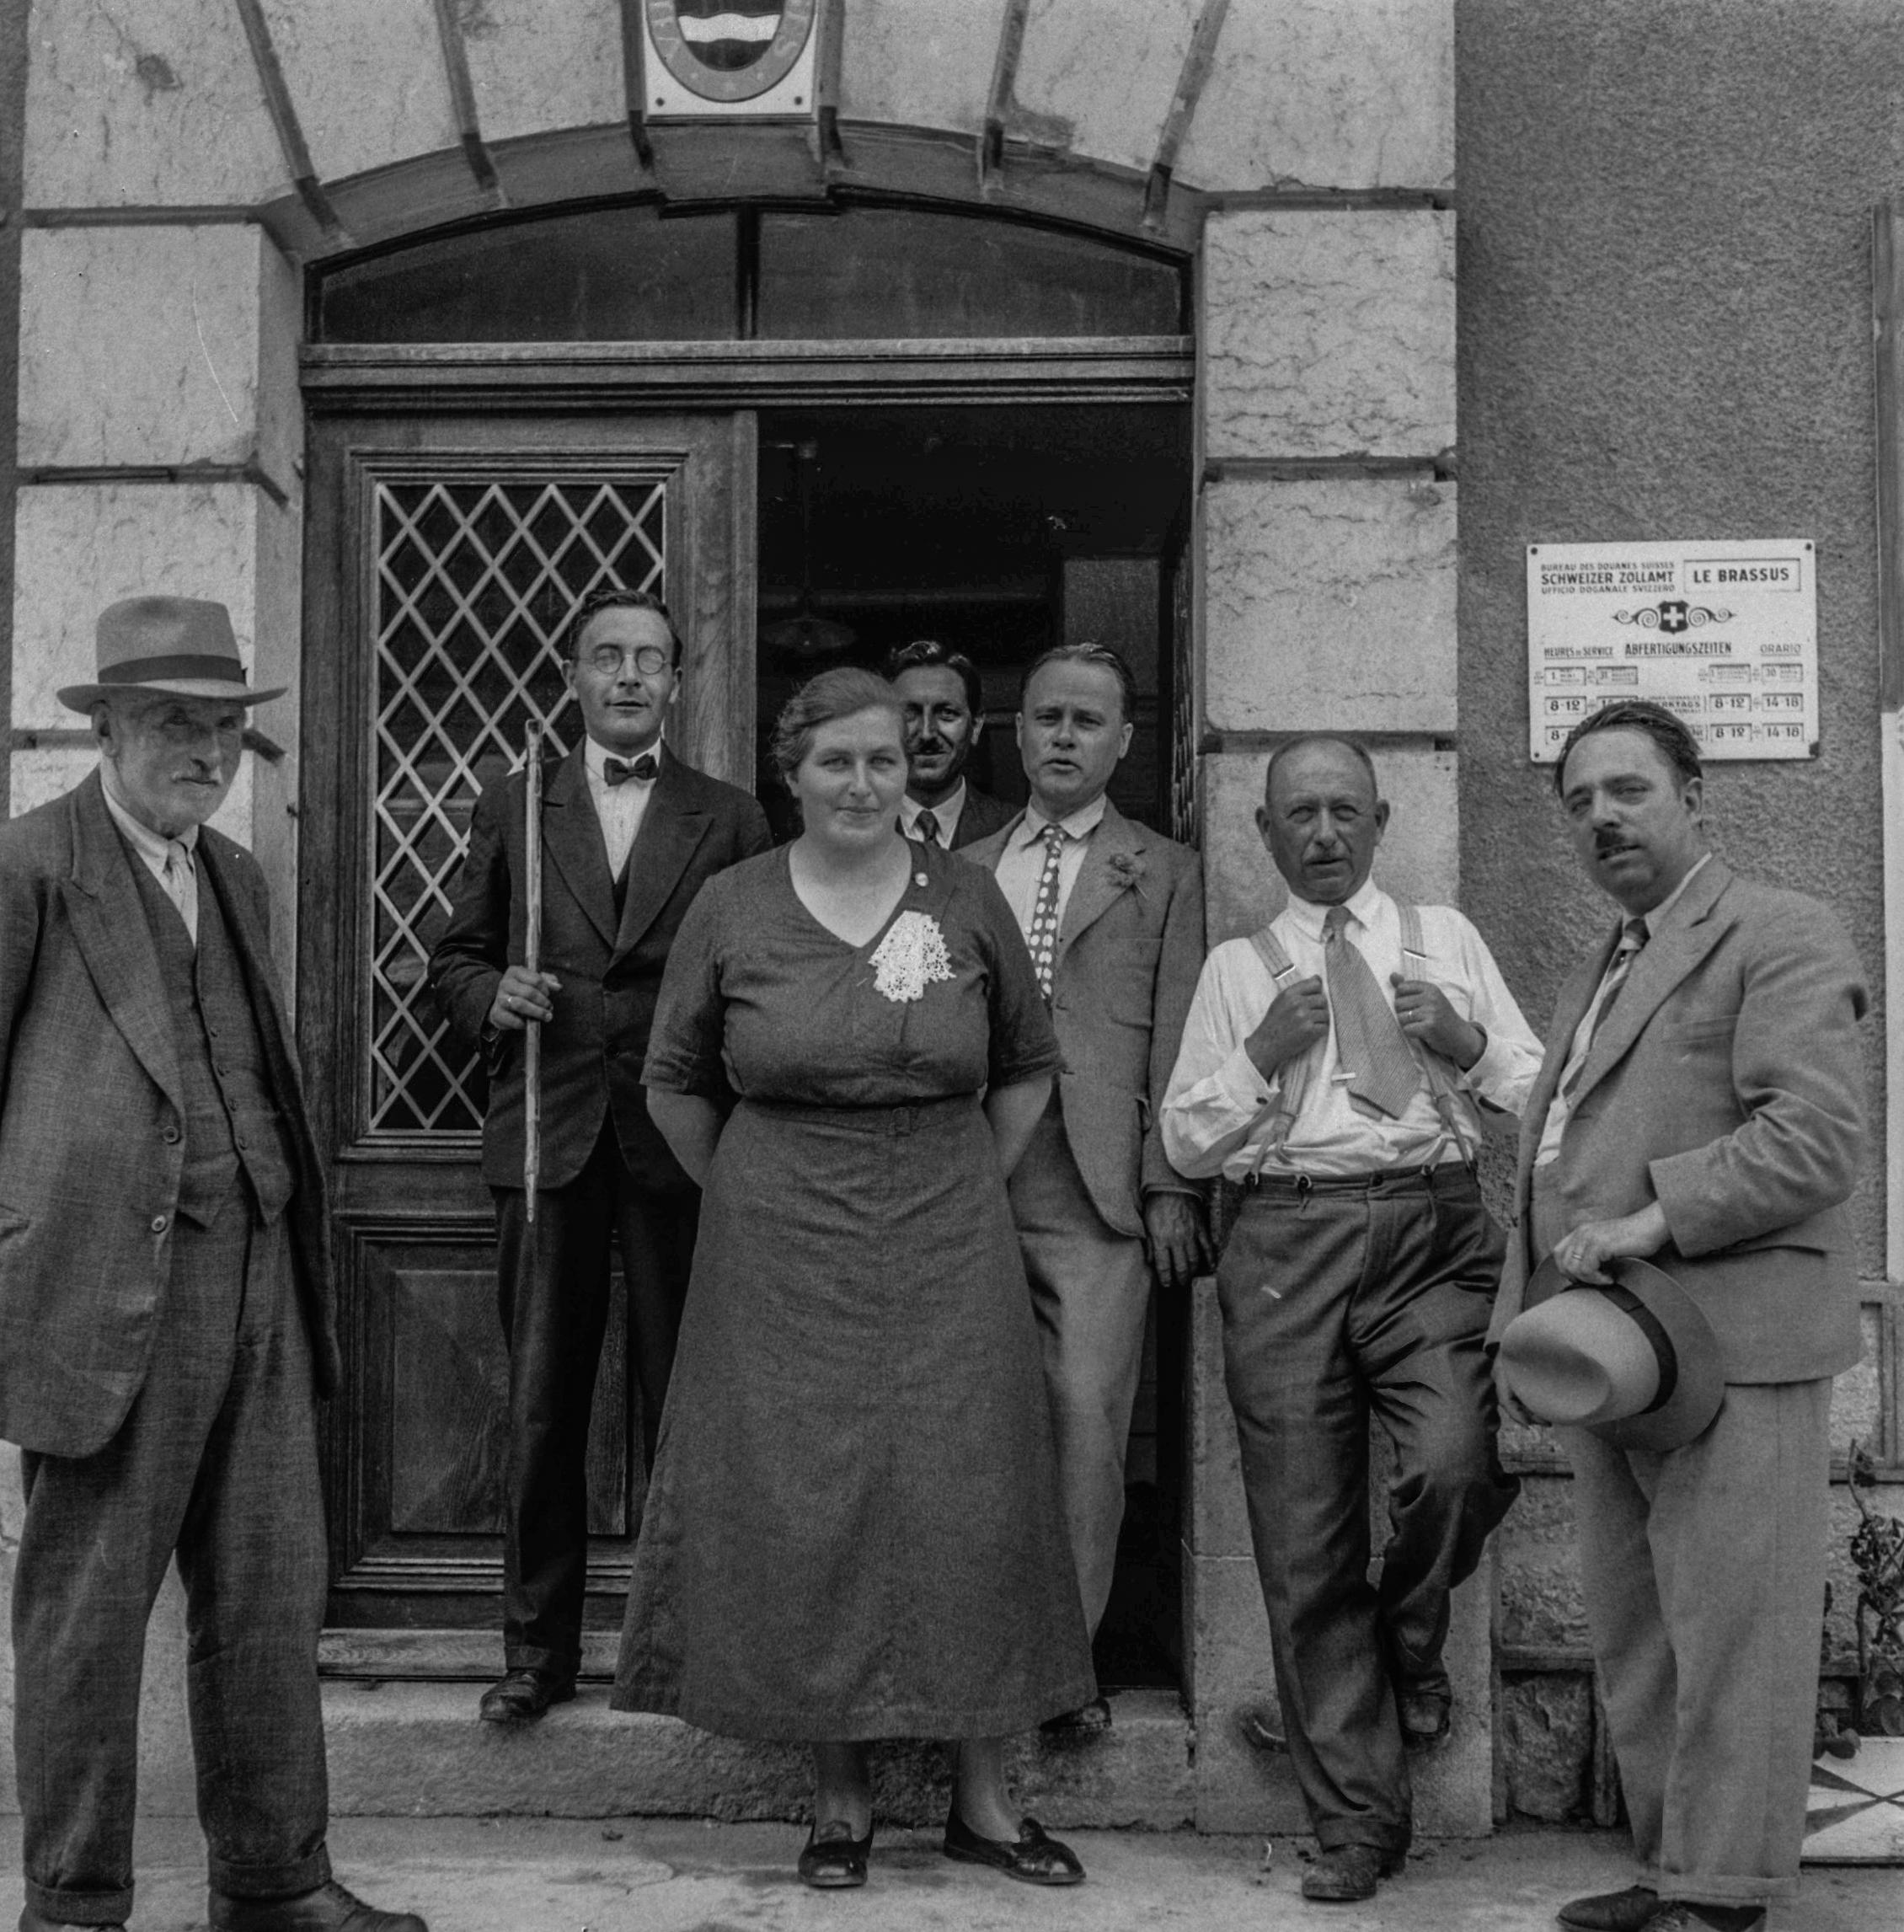 Fin de journée  avec apéro à la douane suisse Brassus-Carroz, au-dessus de la porte les armoiries de la commune de Morges